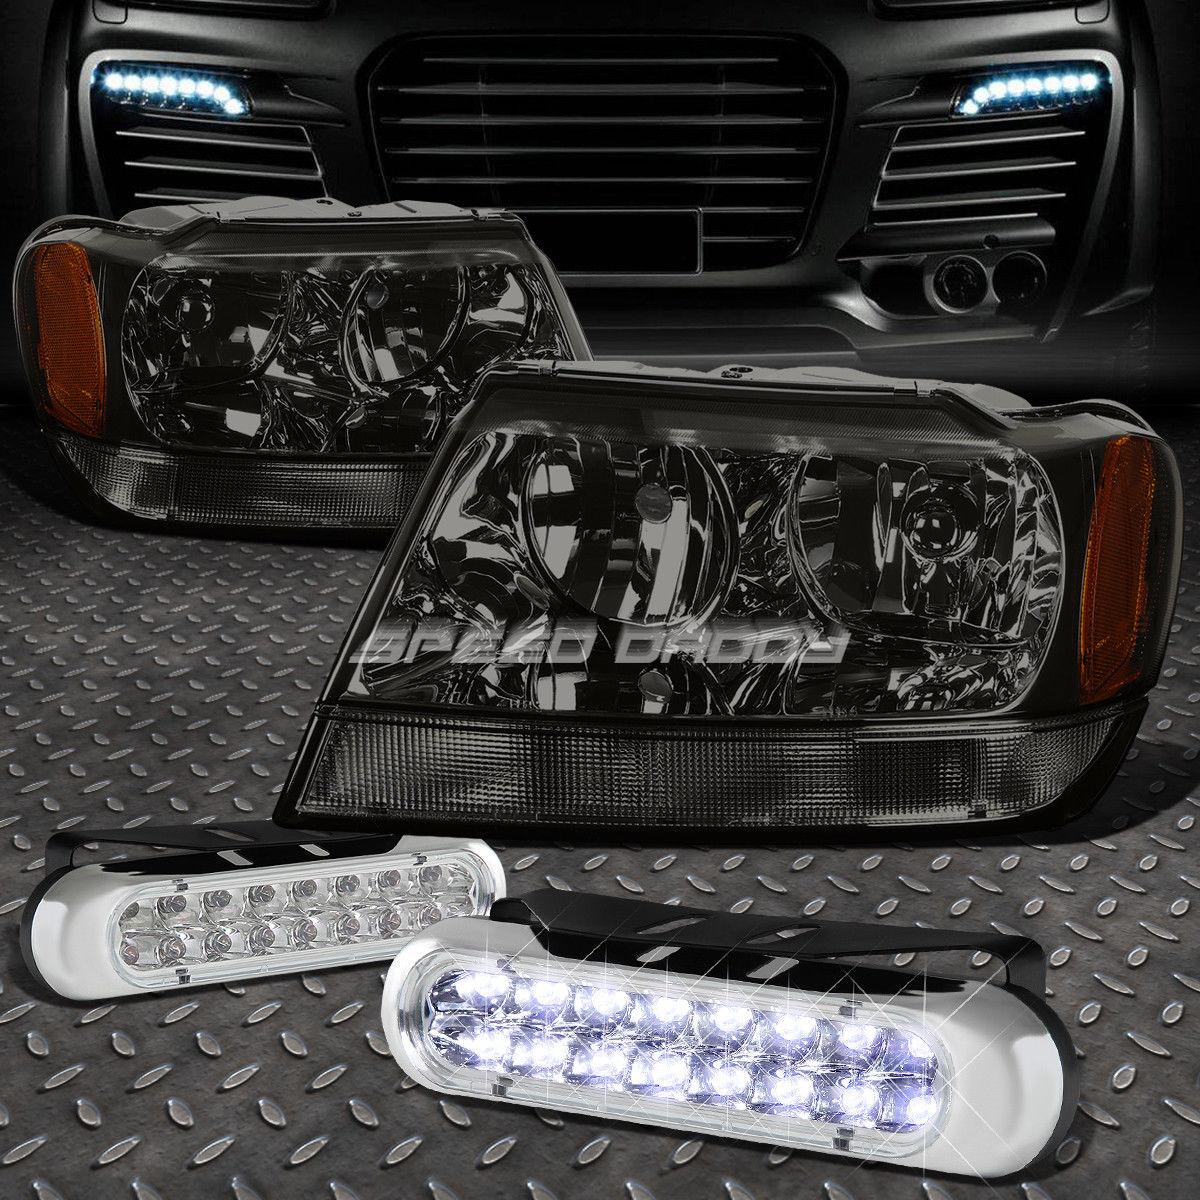 フォグライト SMOKED HEADLIGHT AMBER CORNER+16 LED GRILL FOG LIGHT FOR 99-04 GRAND CHEROKEE ソーラーヘッドライトアブソルートコーナー+ LEDヘッドライトグリル